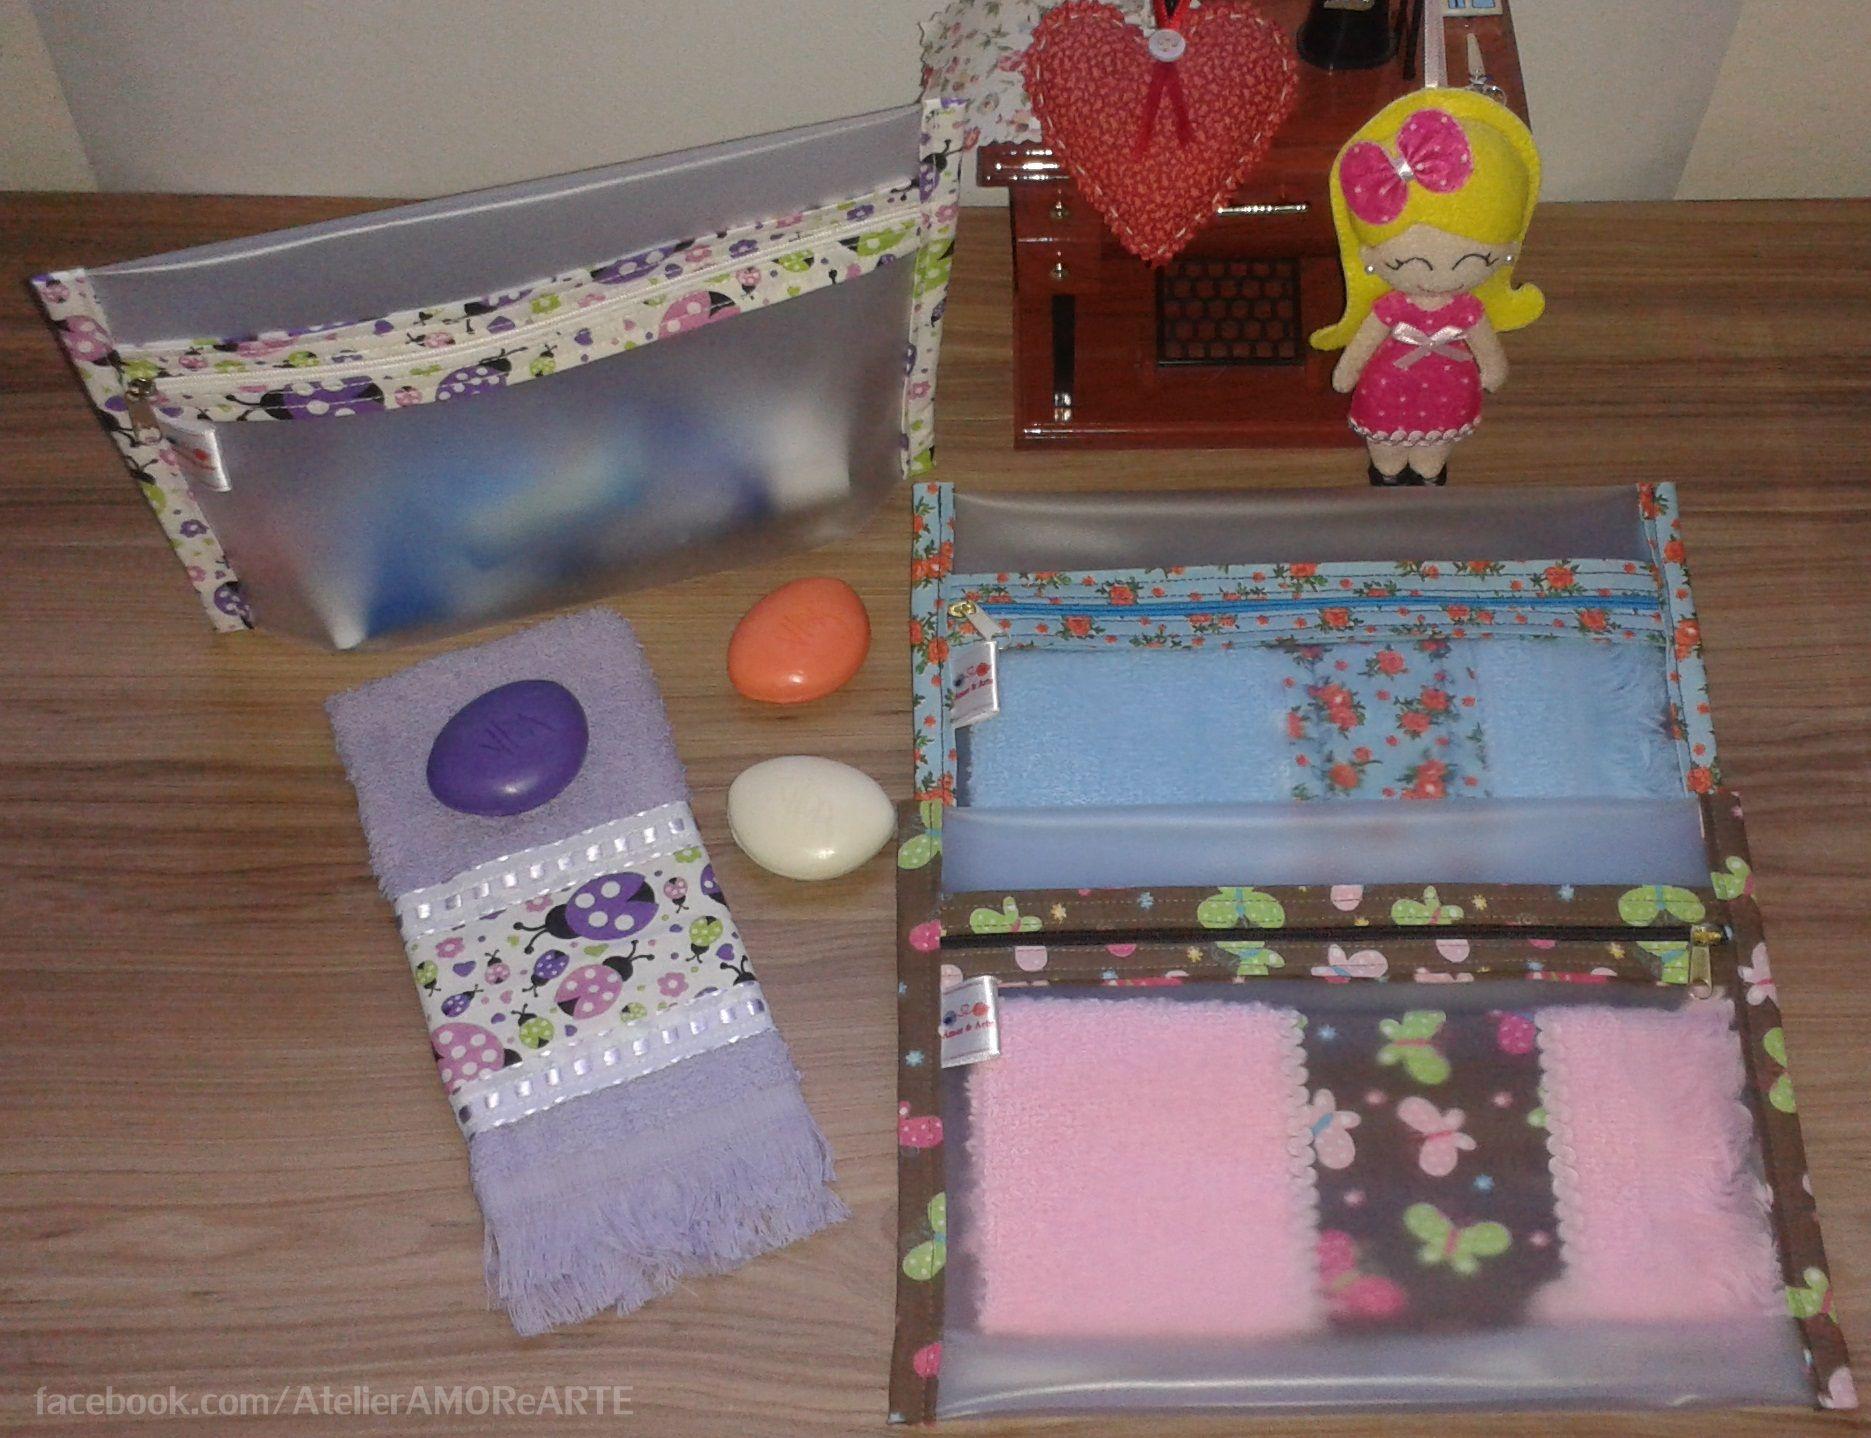 41b18b18ec09a Kit Necessaire de Plástico + Toalhinha Necessaire de Plástico   Confeccionada em vinil translucido